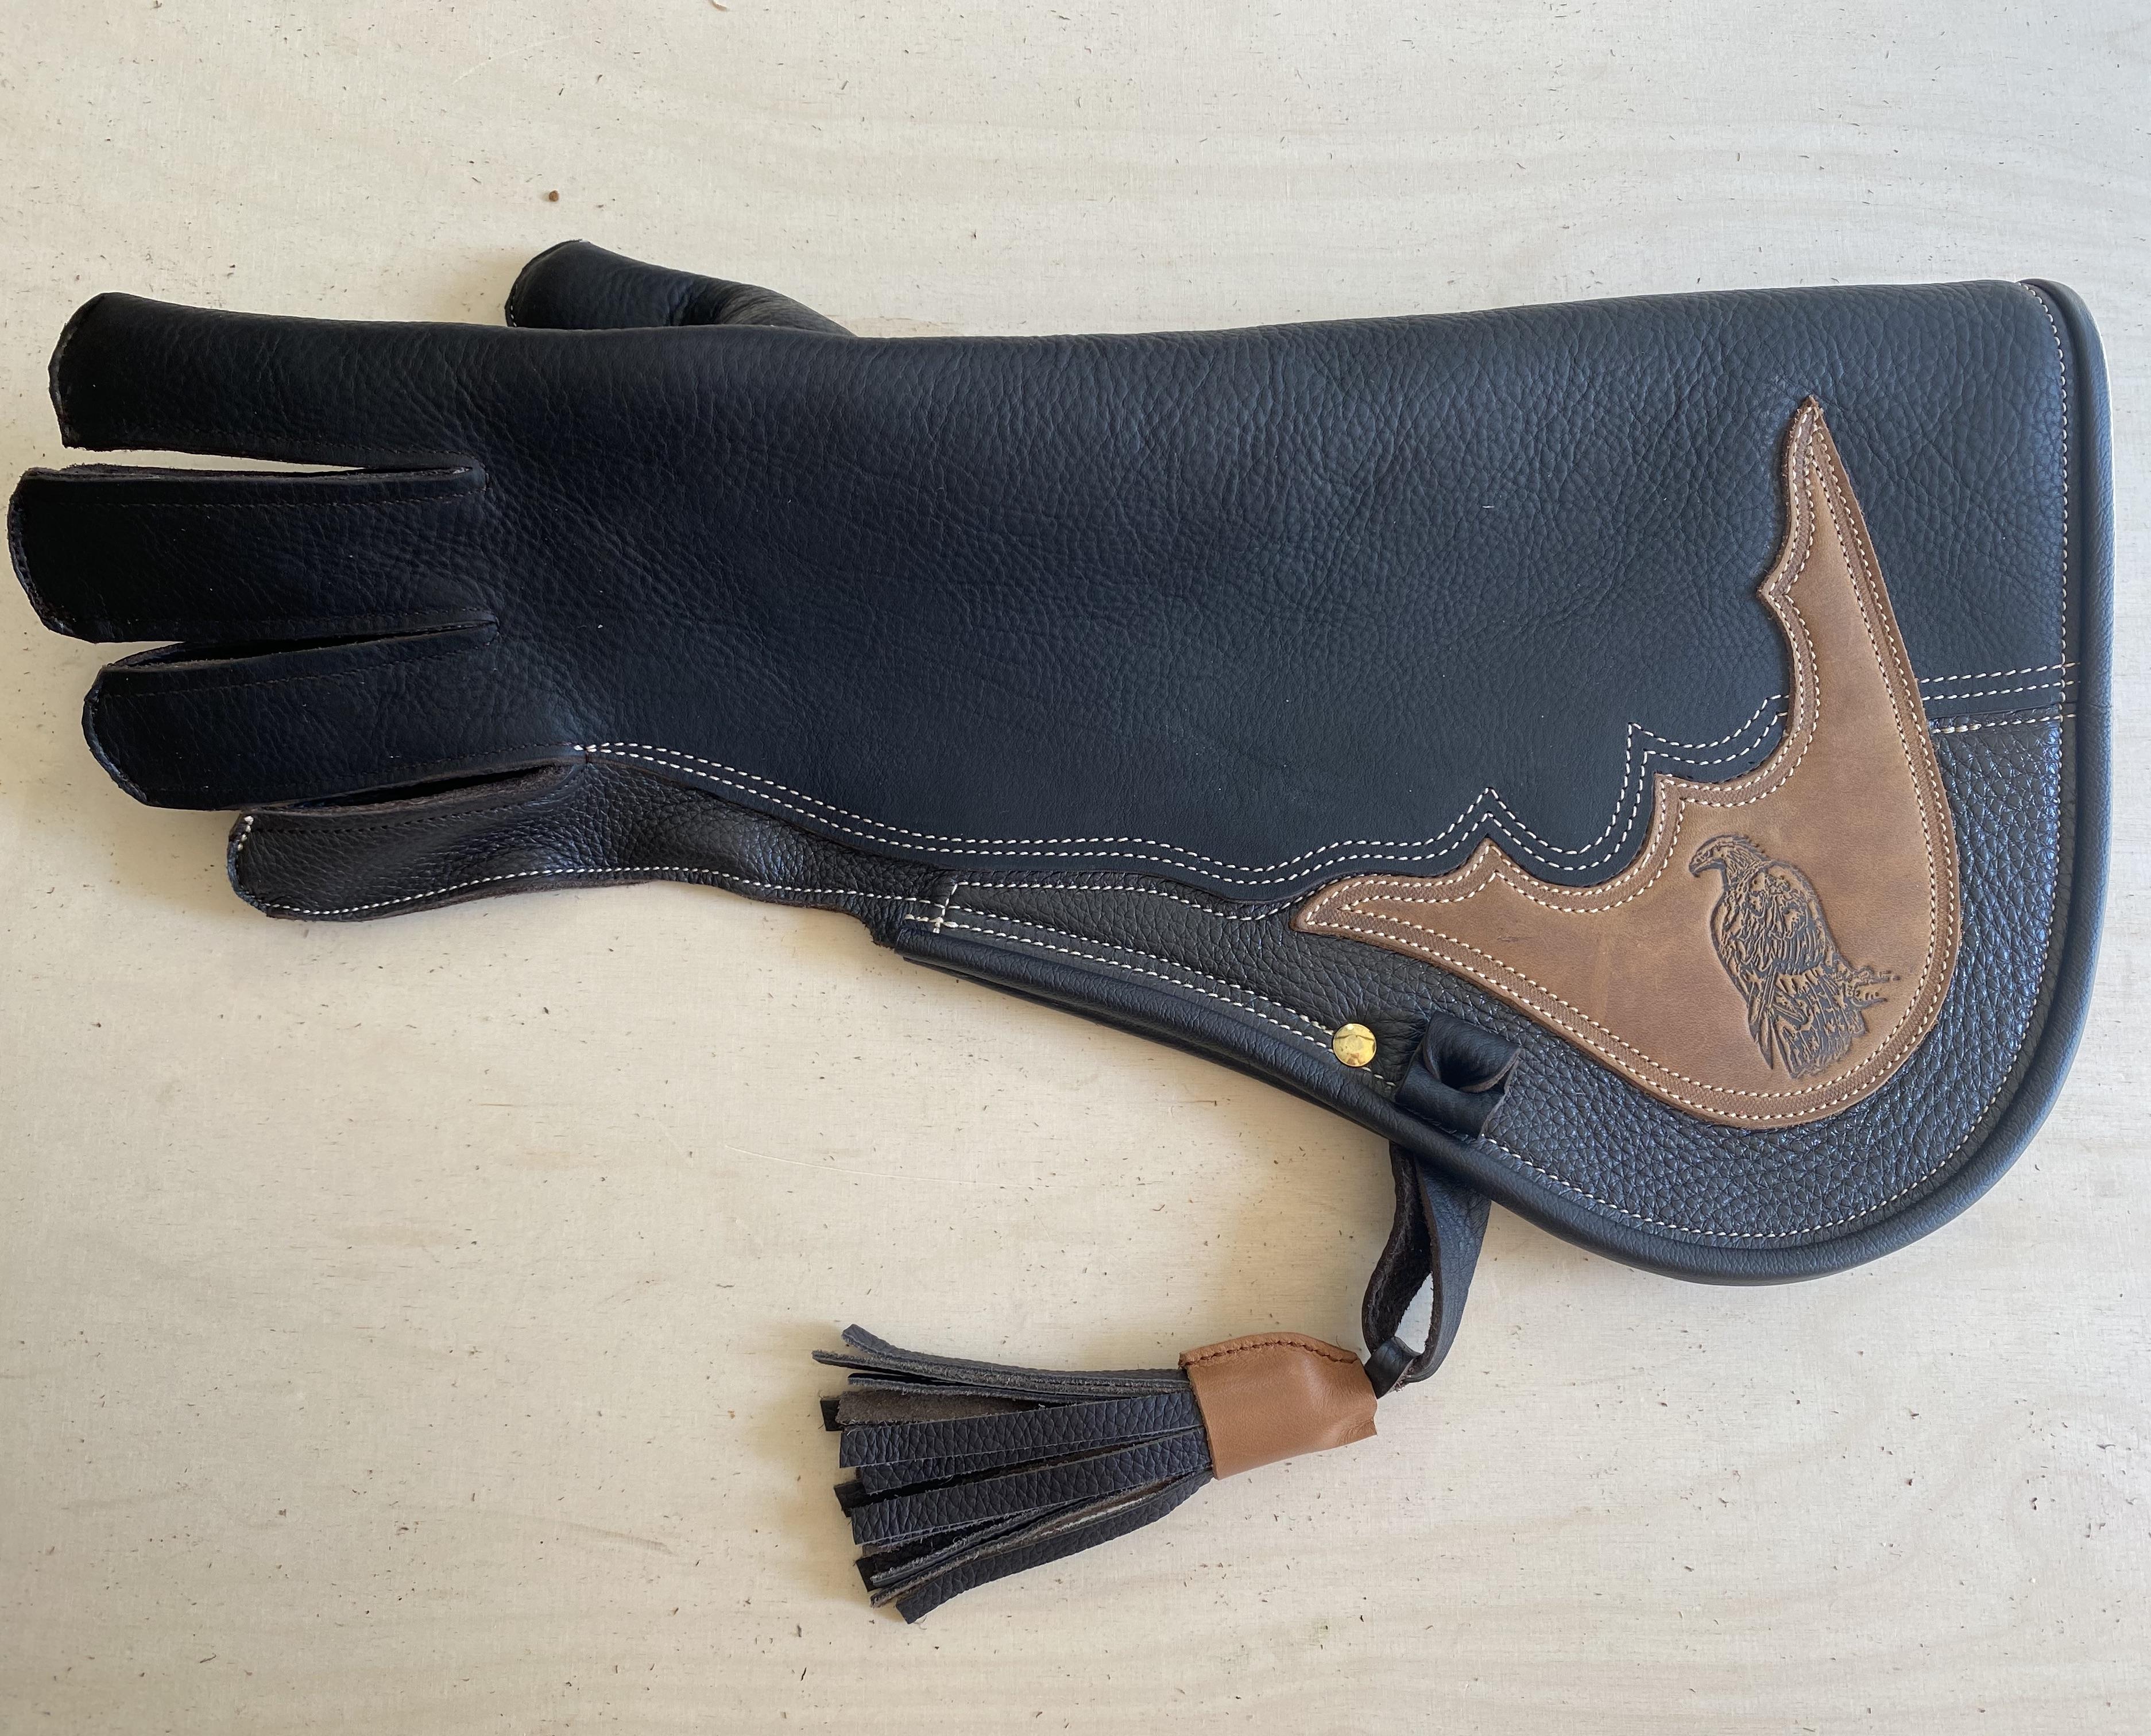 Adlerhandschuh mit durchgehendem Büffel-Fettleder Sattel